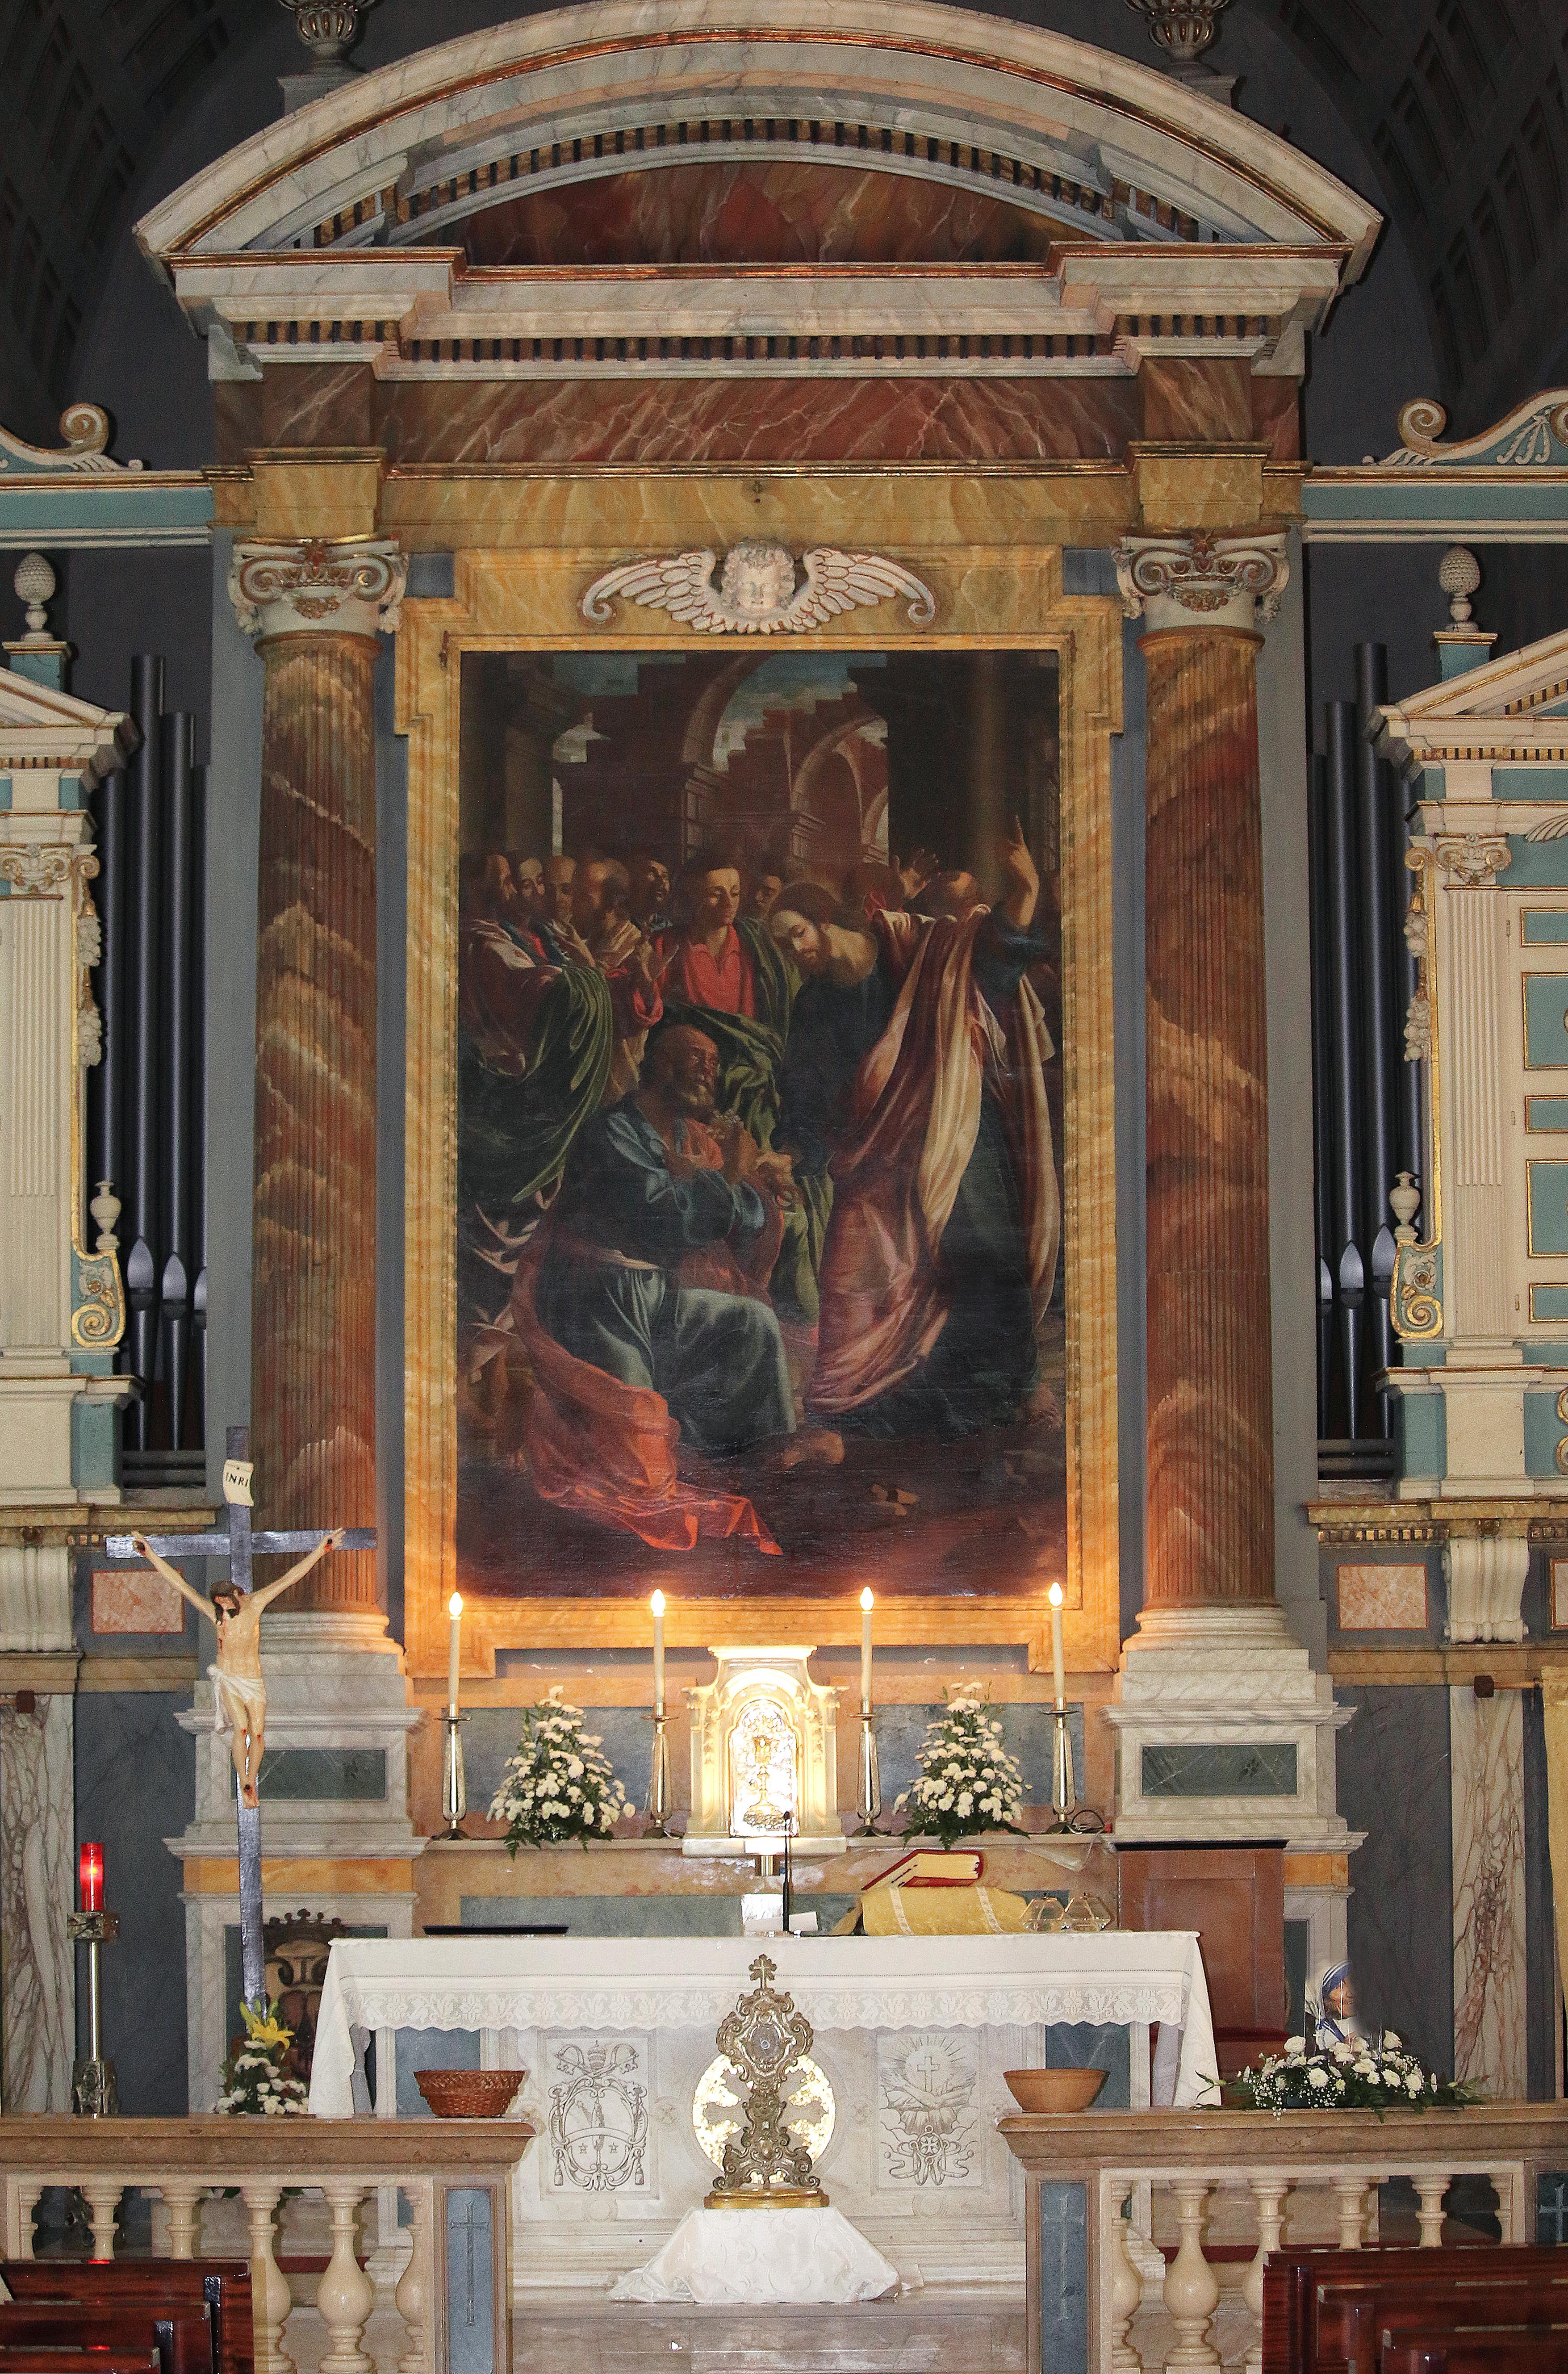 ill. 20 : Autore ignoto (sec. XVIII), Consegna delle chiavi a San Pietro